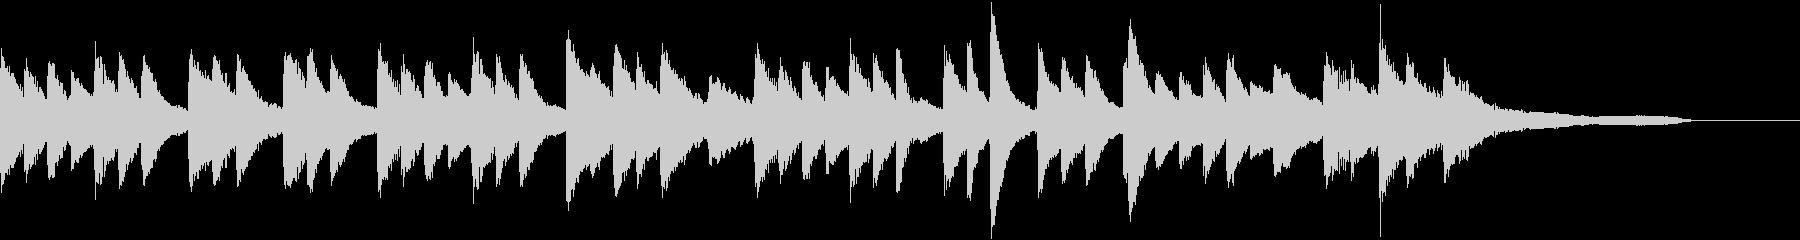 セピア色のノスタルジーなピアノジングルの未再生の波形